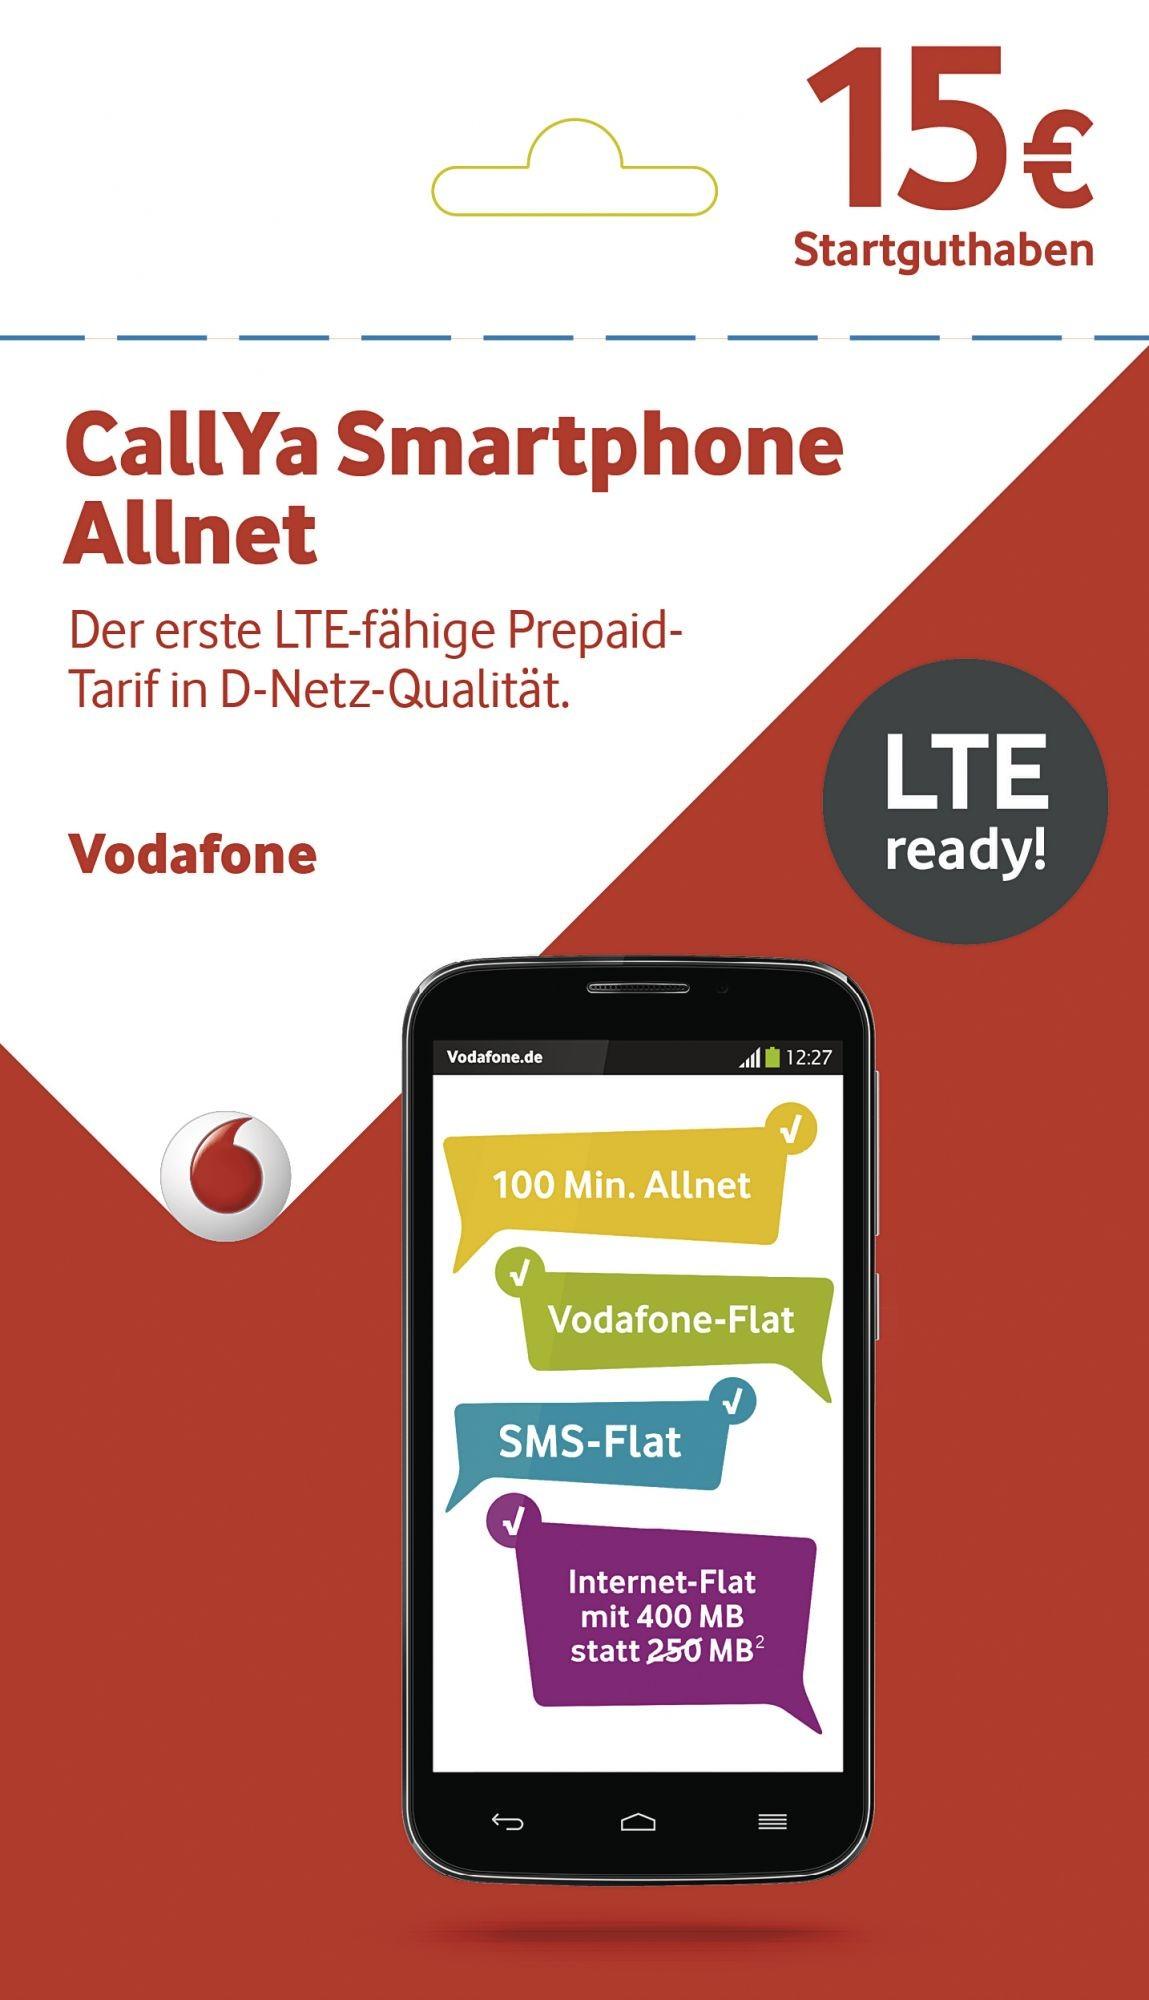 Vodafone Callya Smartphone Fun